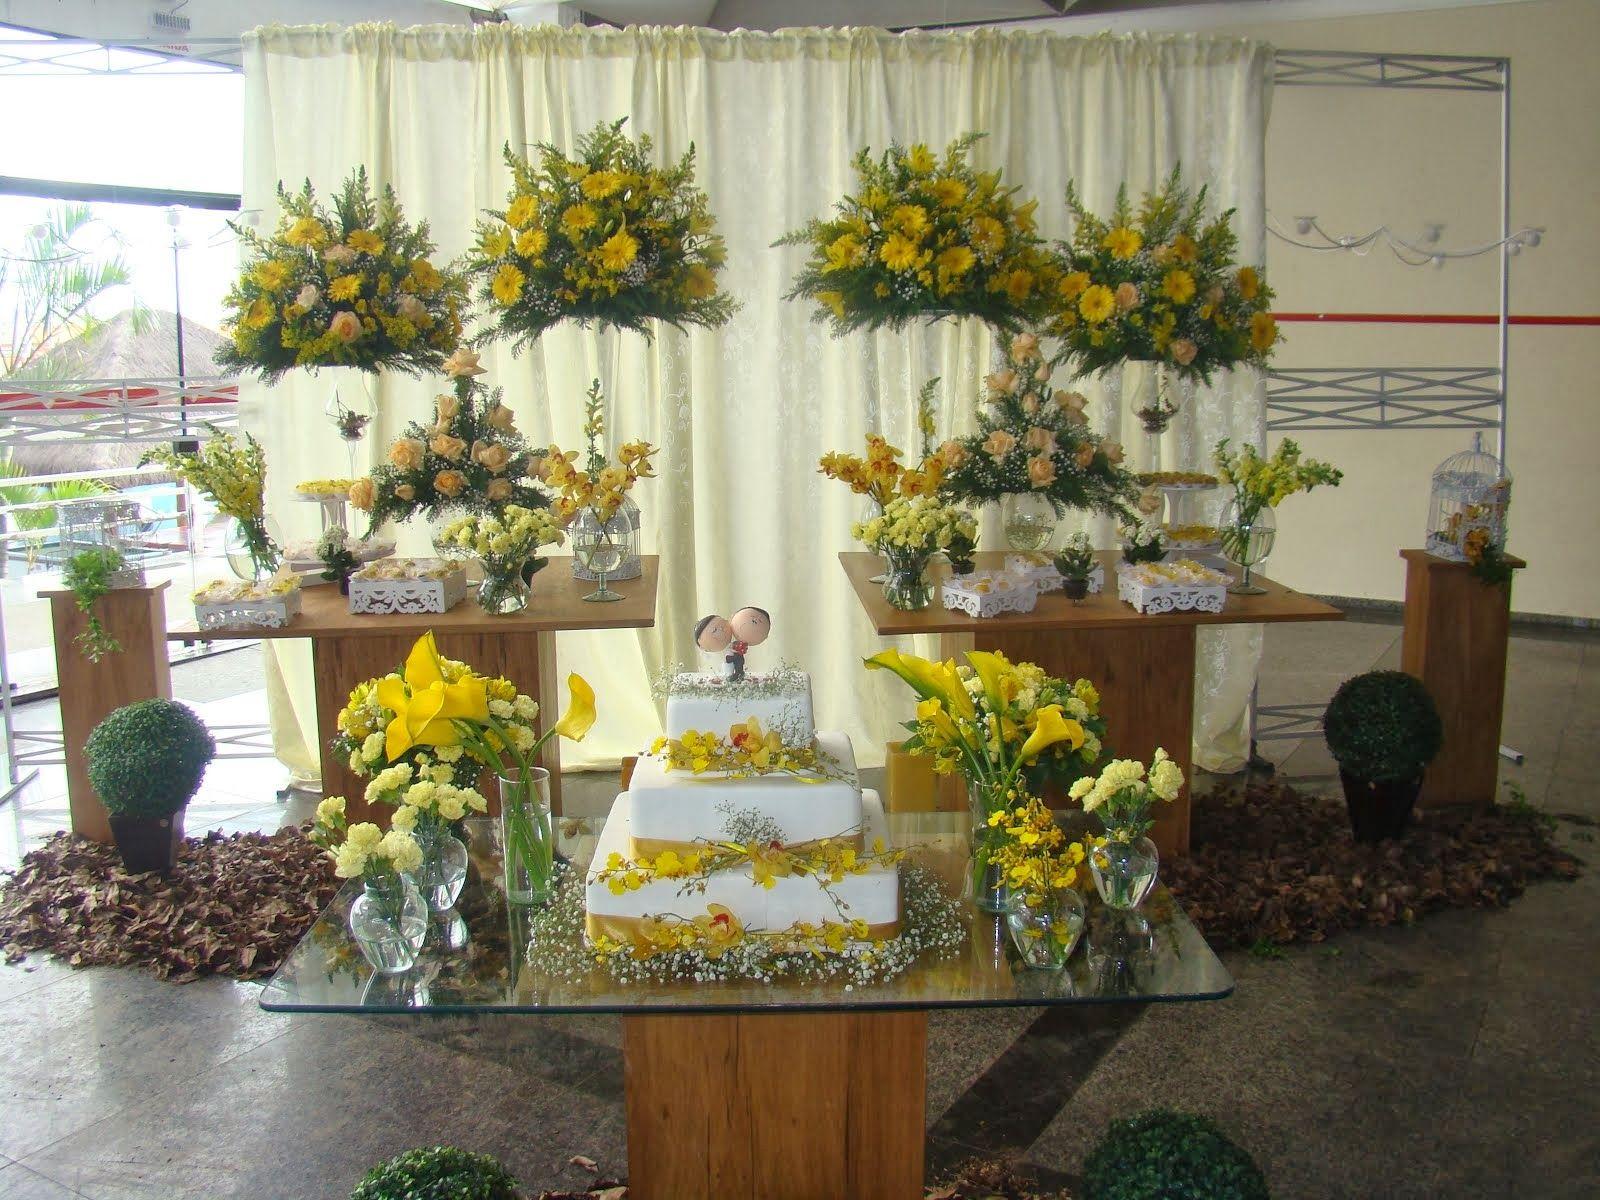 decoraç u00e3o com vidro amarelo e azul marinho Pesquisa Google inspiraç u00e3o e Ideias para  -> Decoracao Com Tampa De Vidro